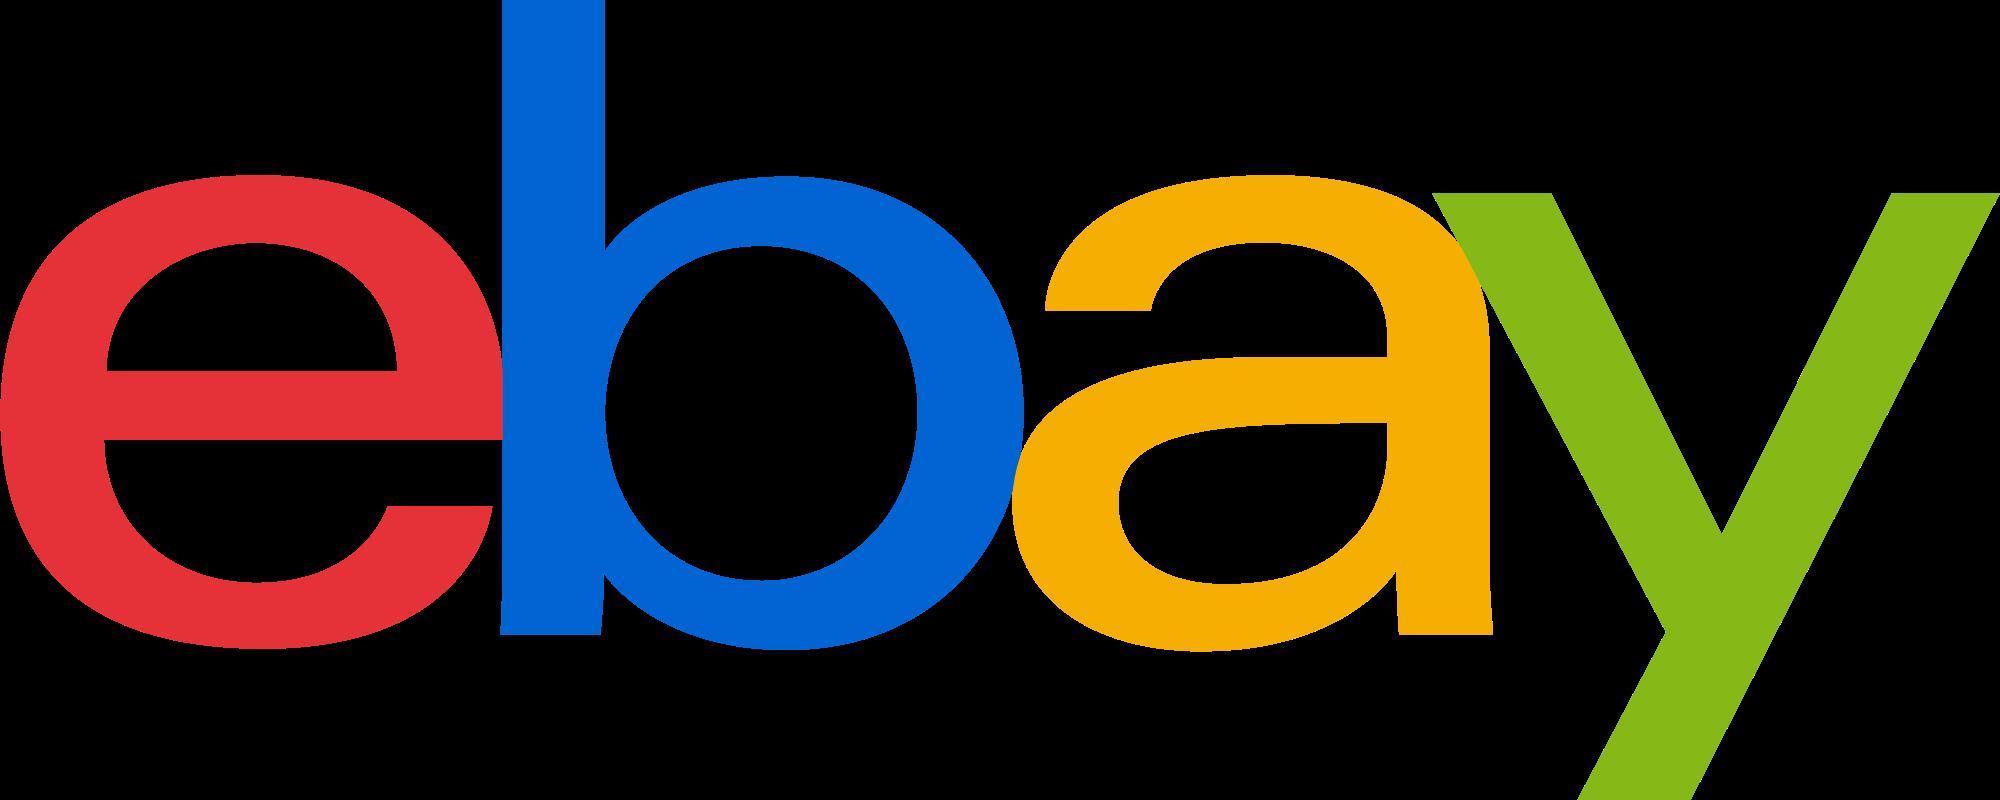 eBay NYC